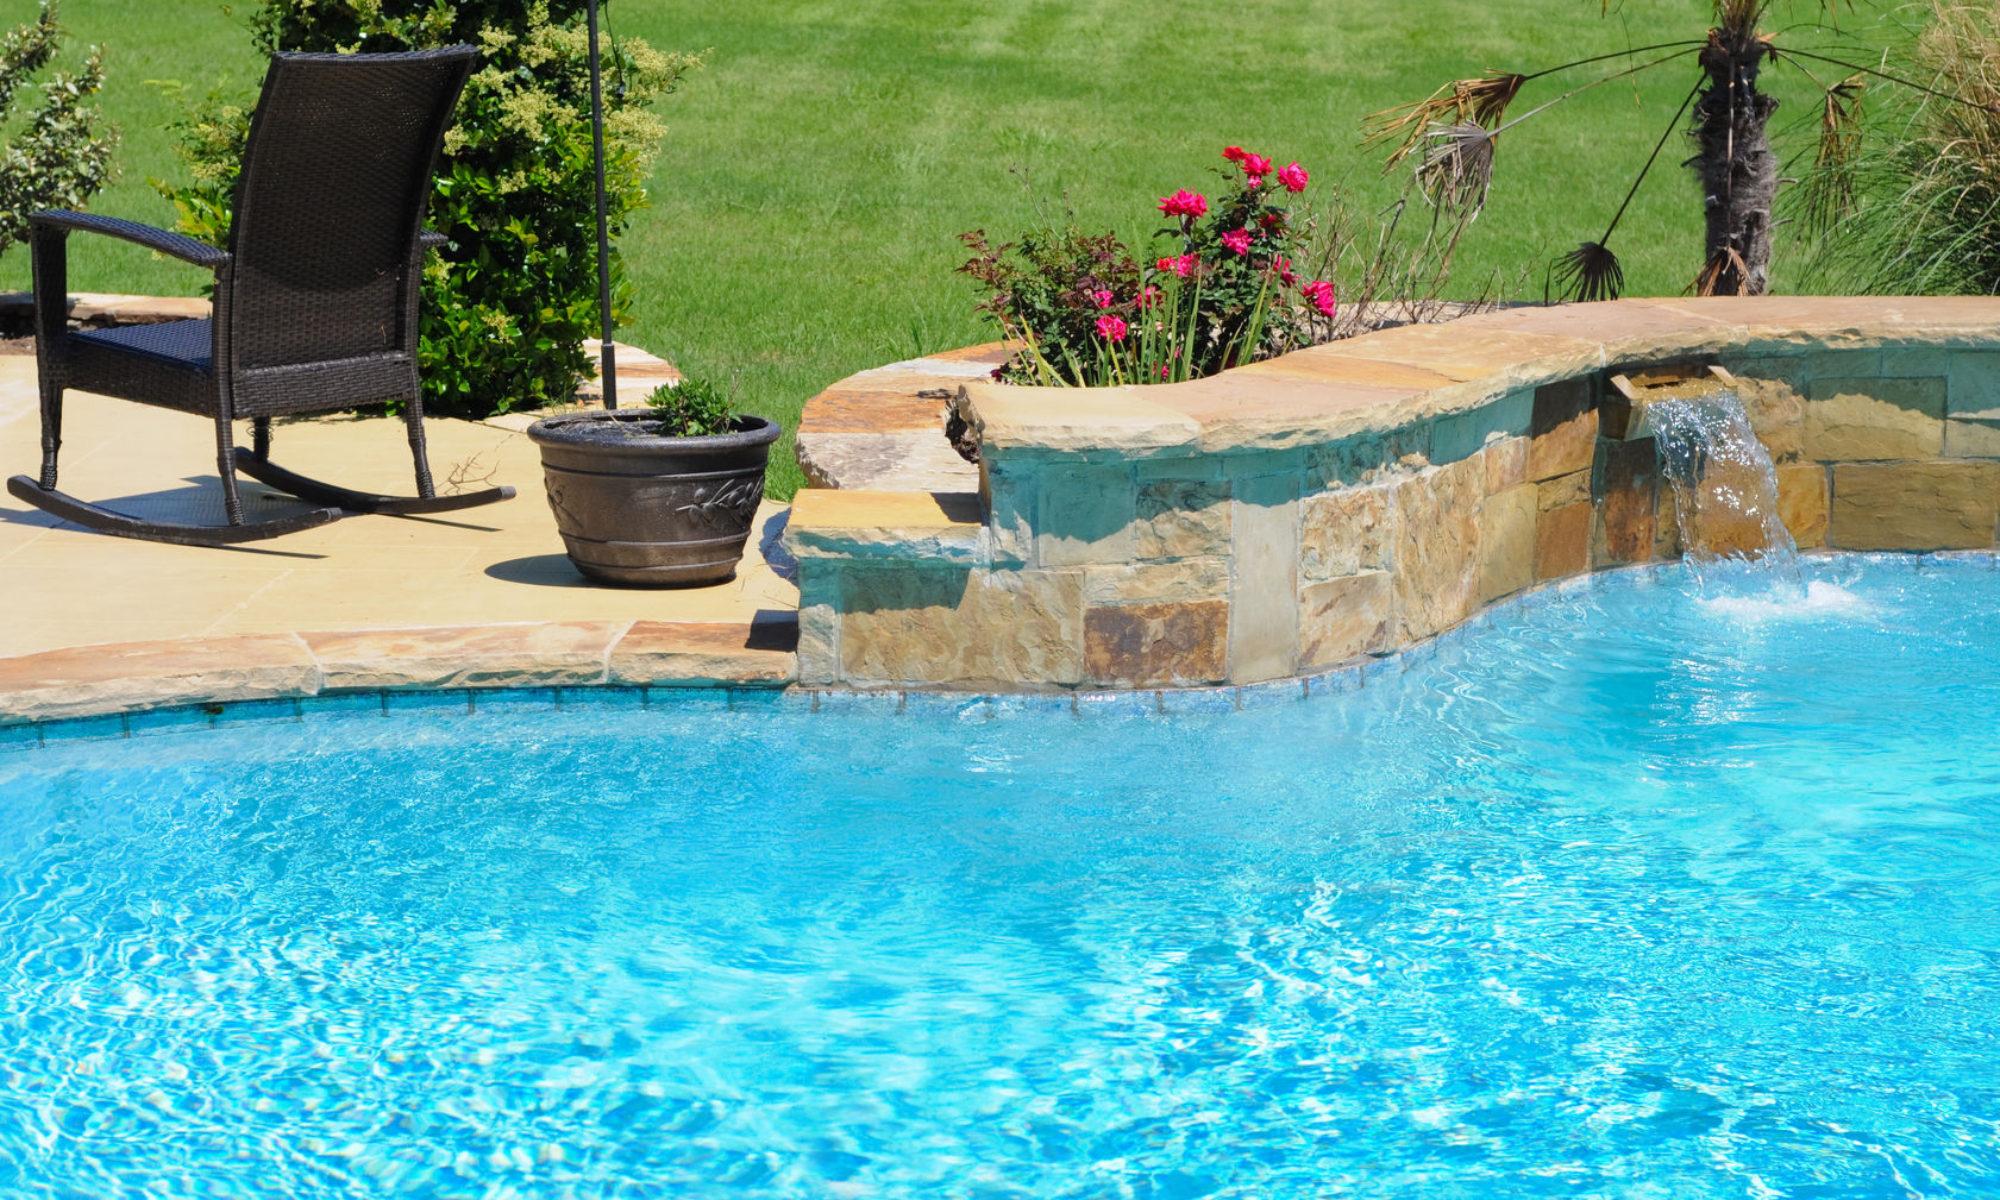 lee swimming pools swimming pool builder fiberglass pools gunite pools vinyl liner pools